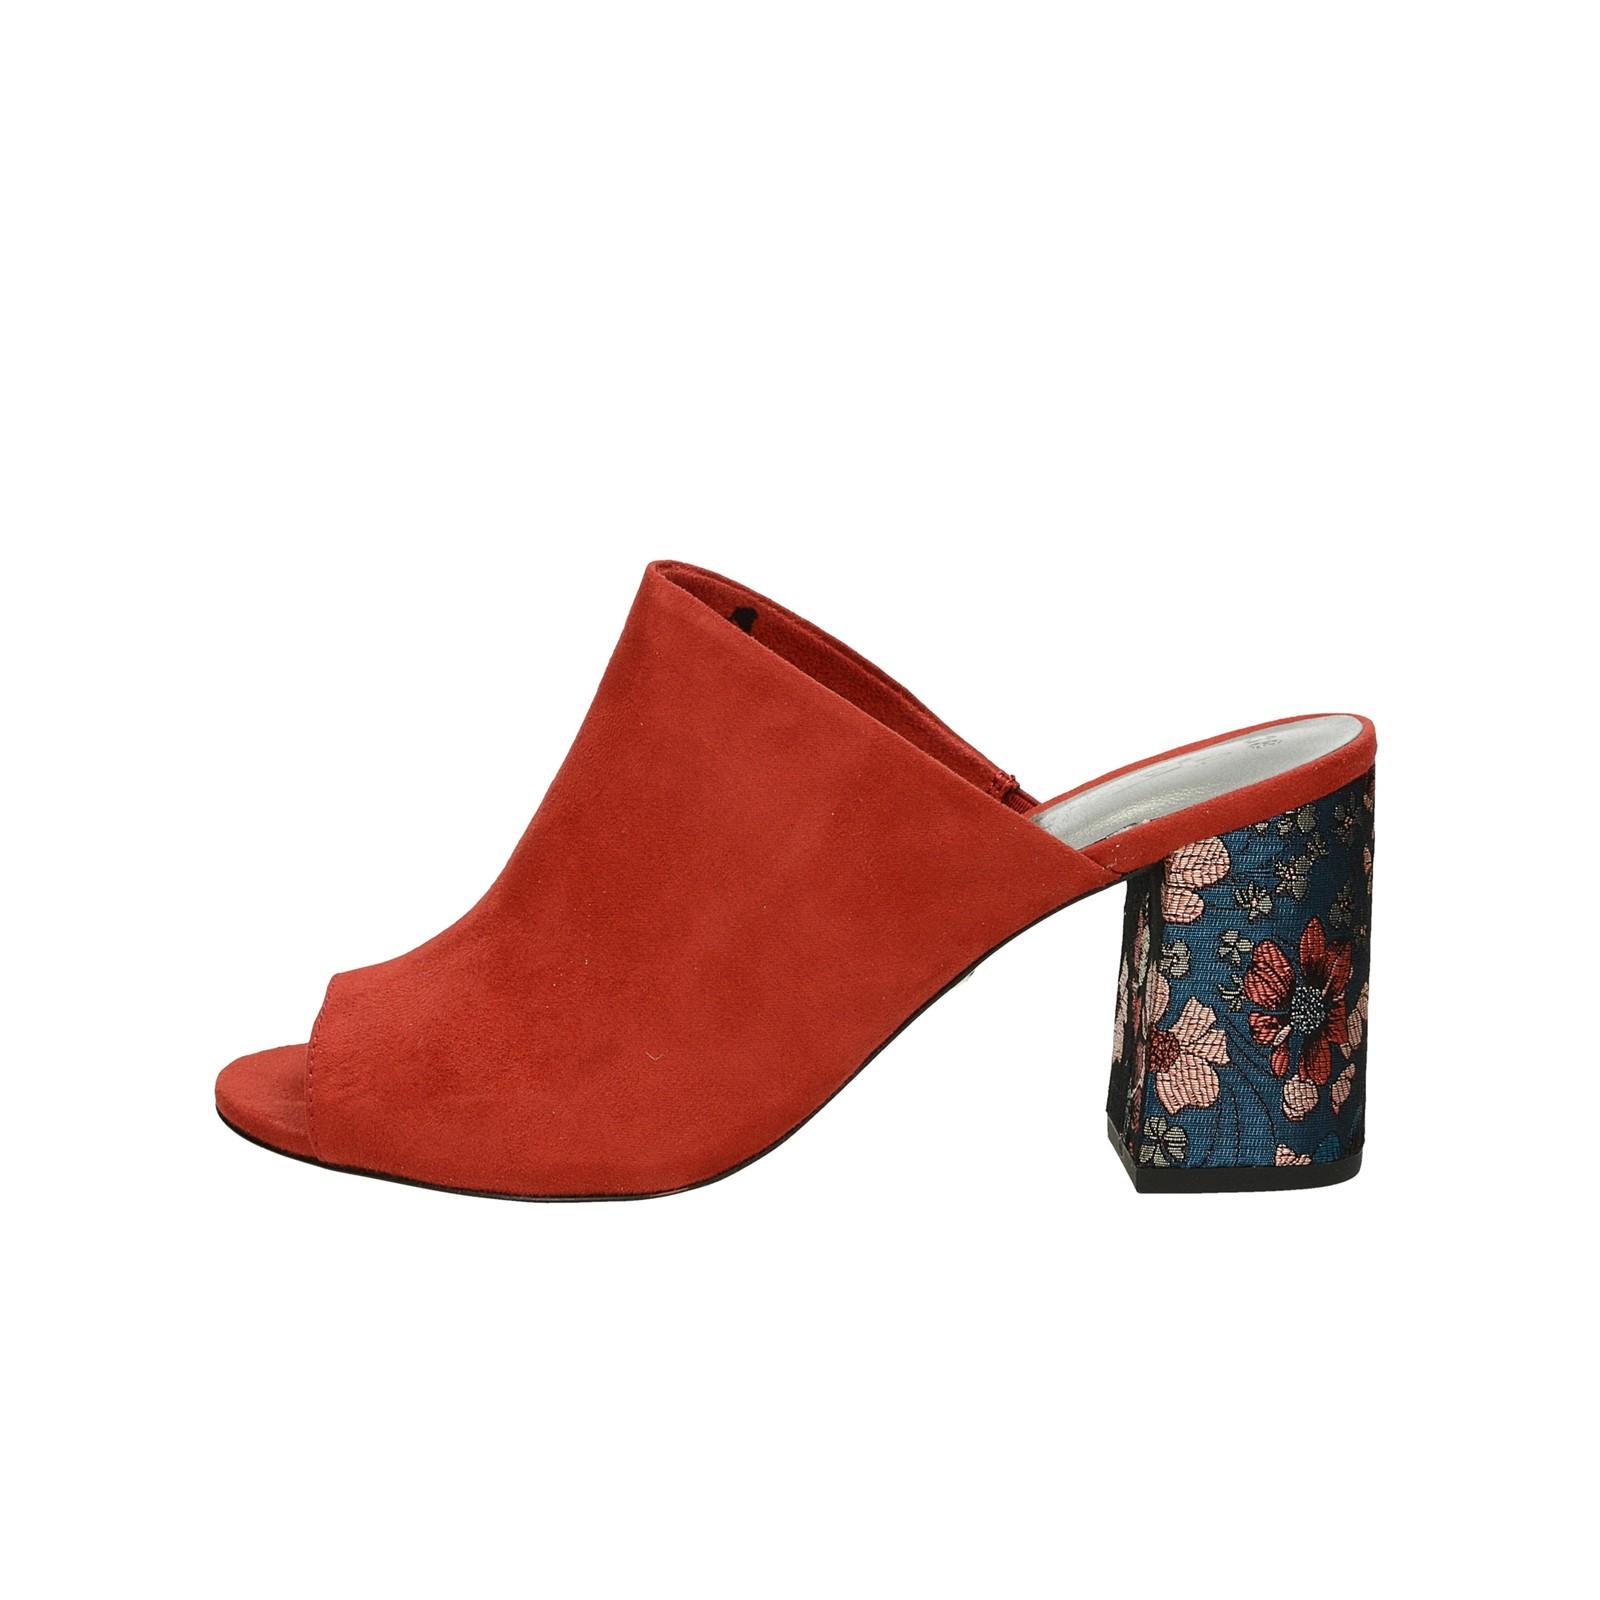 3e40768c8928 ... Tamaris dámske pohodlné šľapky na vysokom podpätku - červené ...